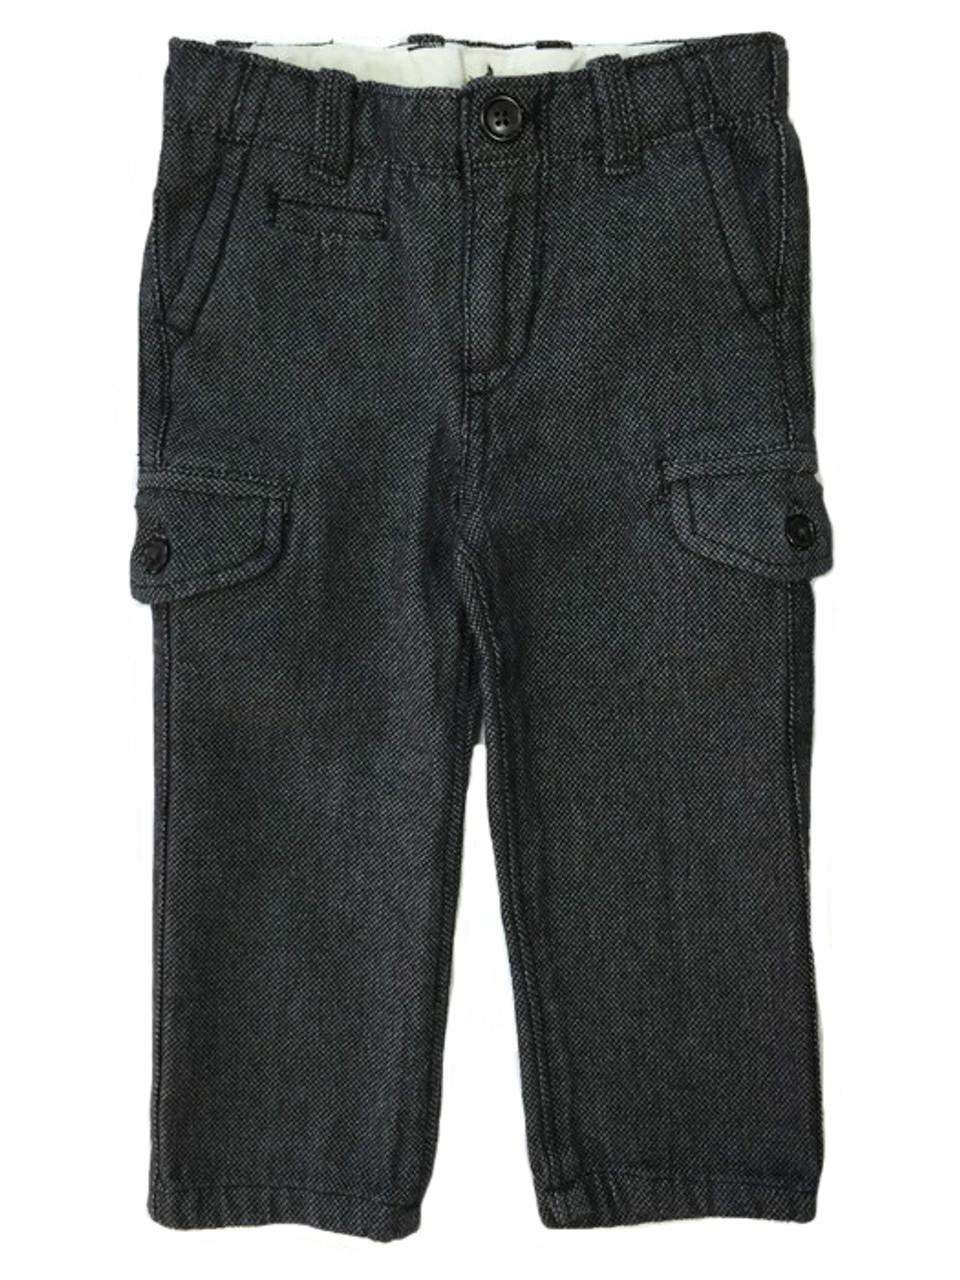 dd0920e260b Baby Gap Toddler Boys Gray Cargo Pants